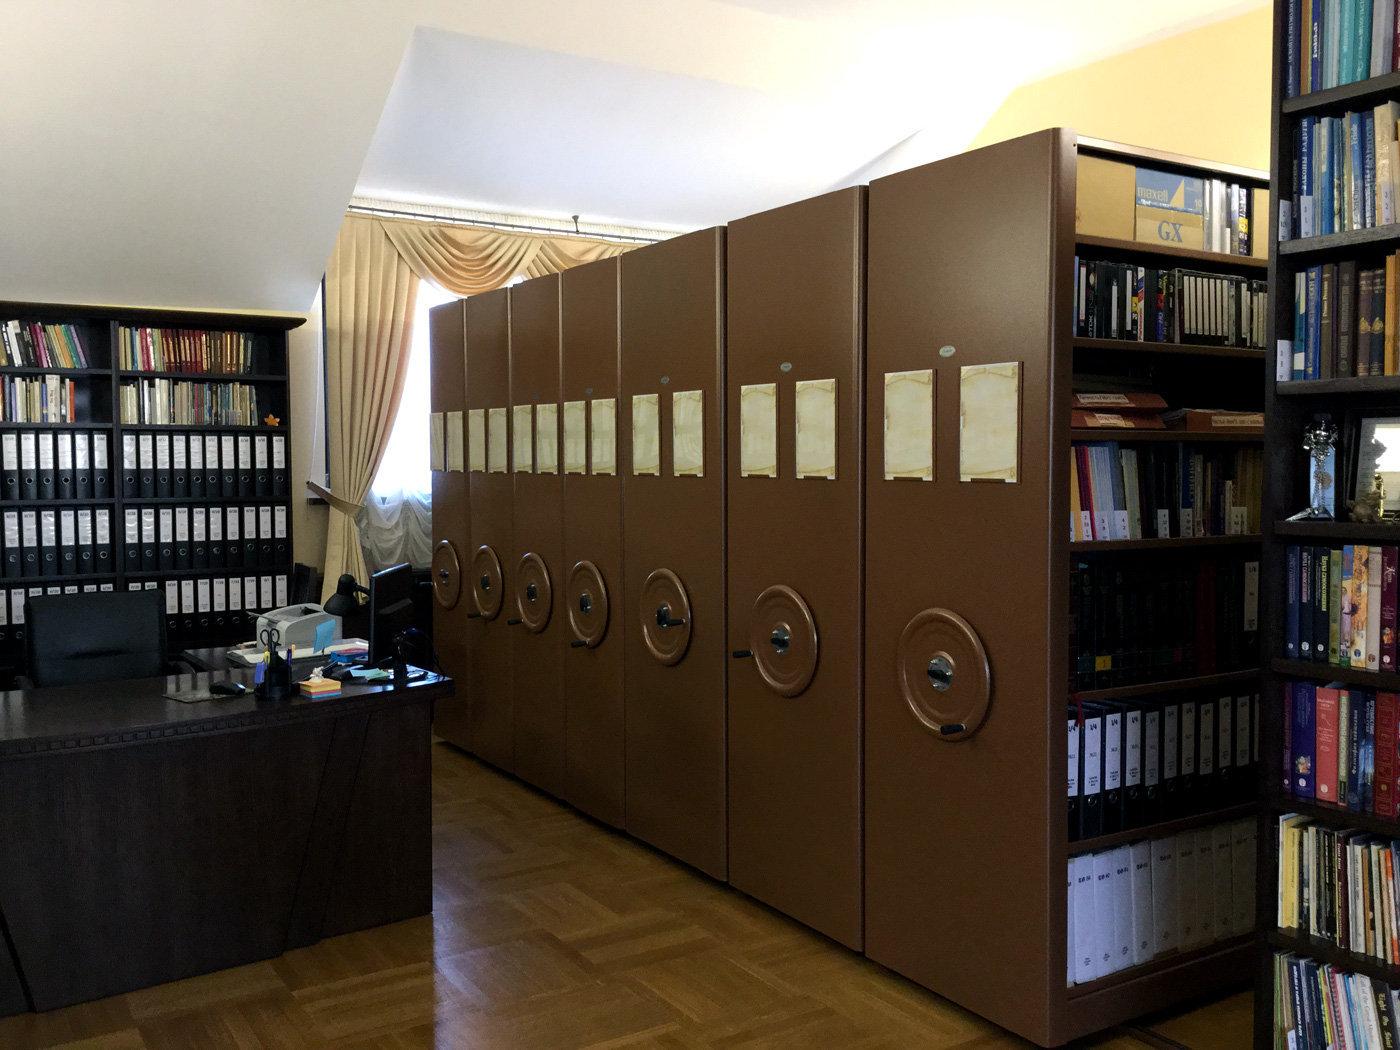 Сейфы в кабинете белорусского сектоведа Владимира Мартиновича